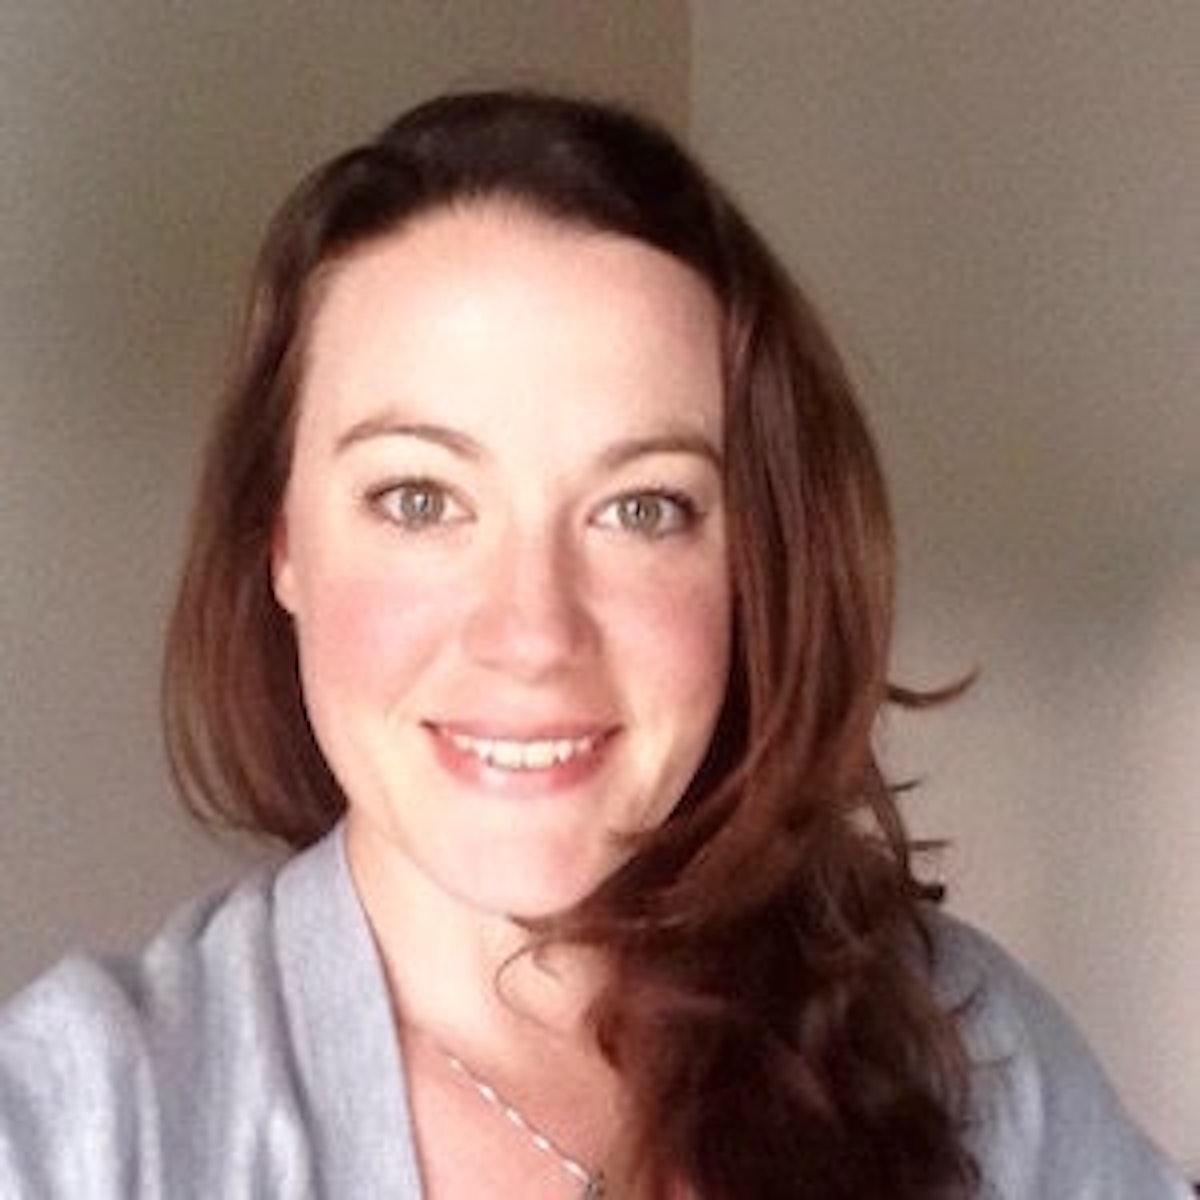 Aubrey Blair-Pattison